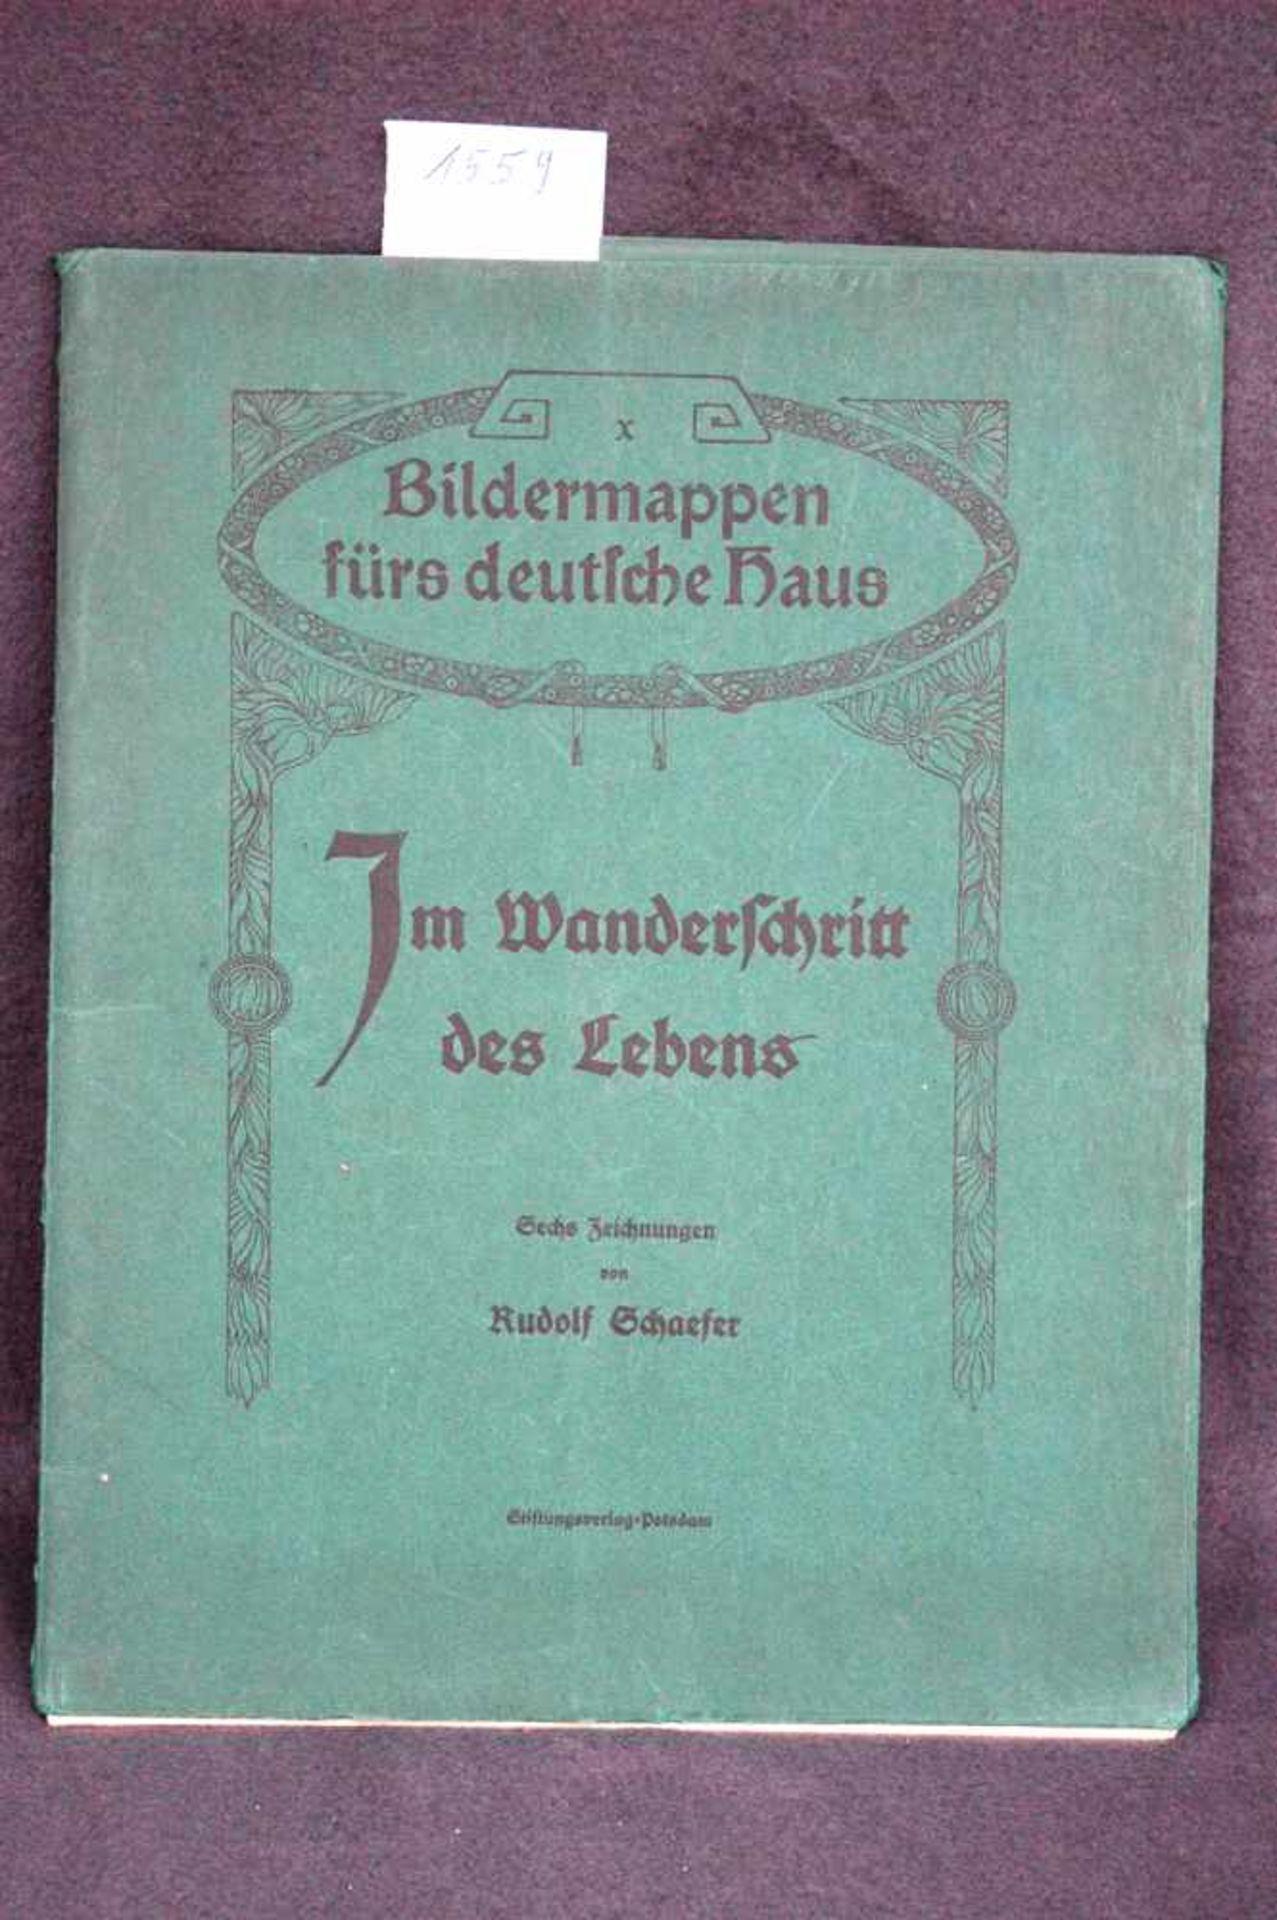 Bildermappen fürs deutsche Haus, Im Wanderschritt des Lebens, sechs Zeichnungen von Rudolf Schaefer